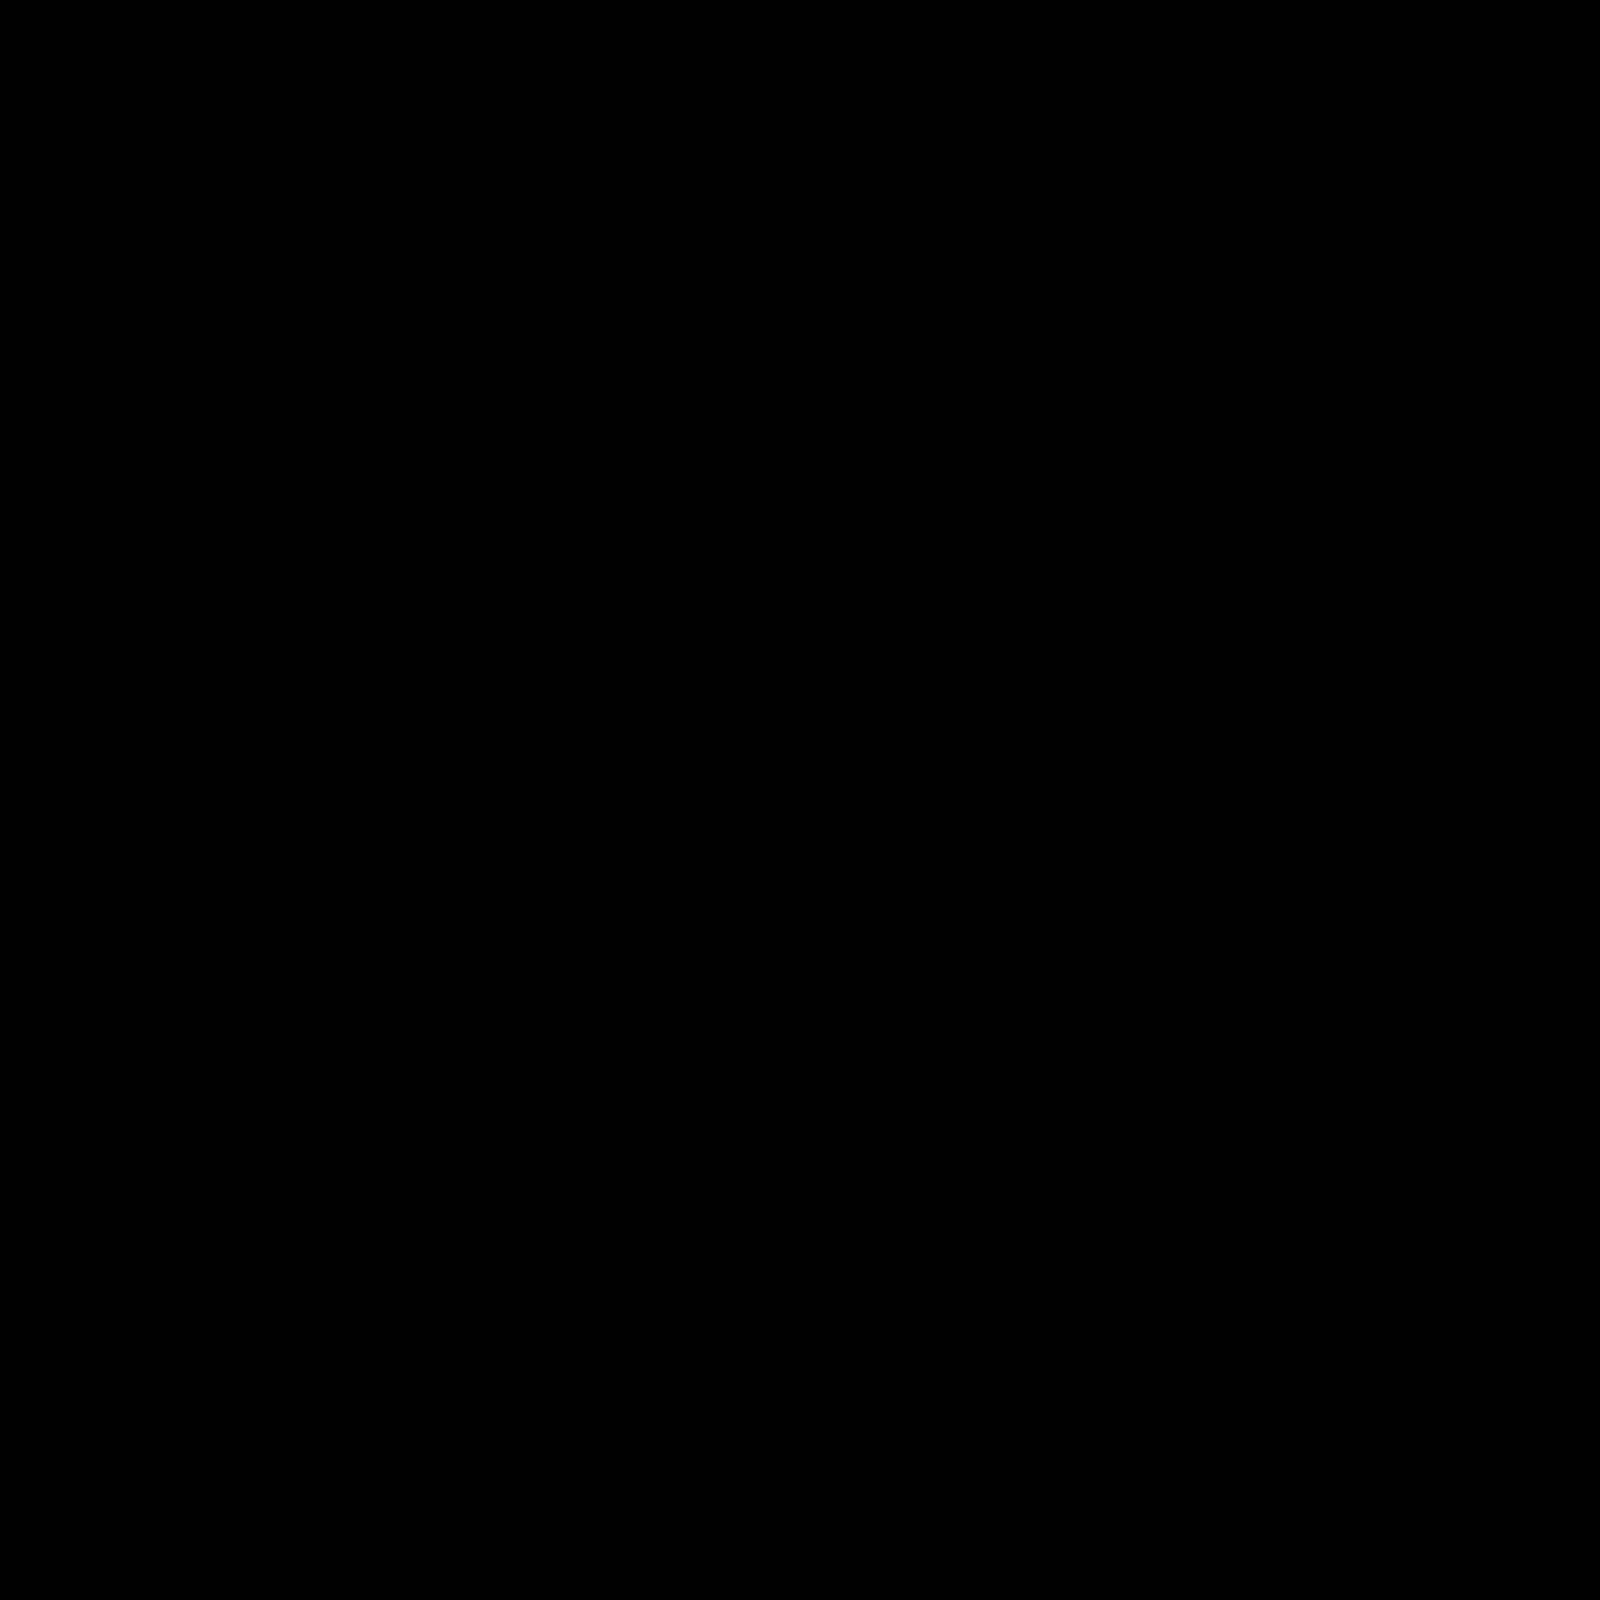 Плавание icon